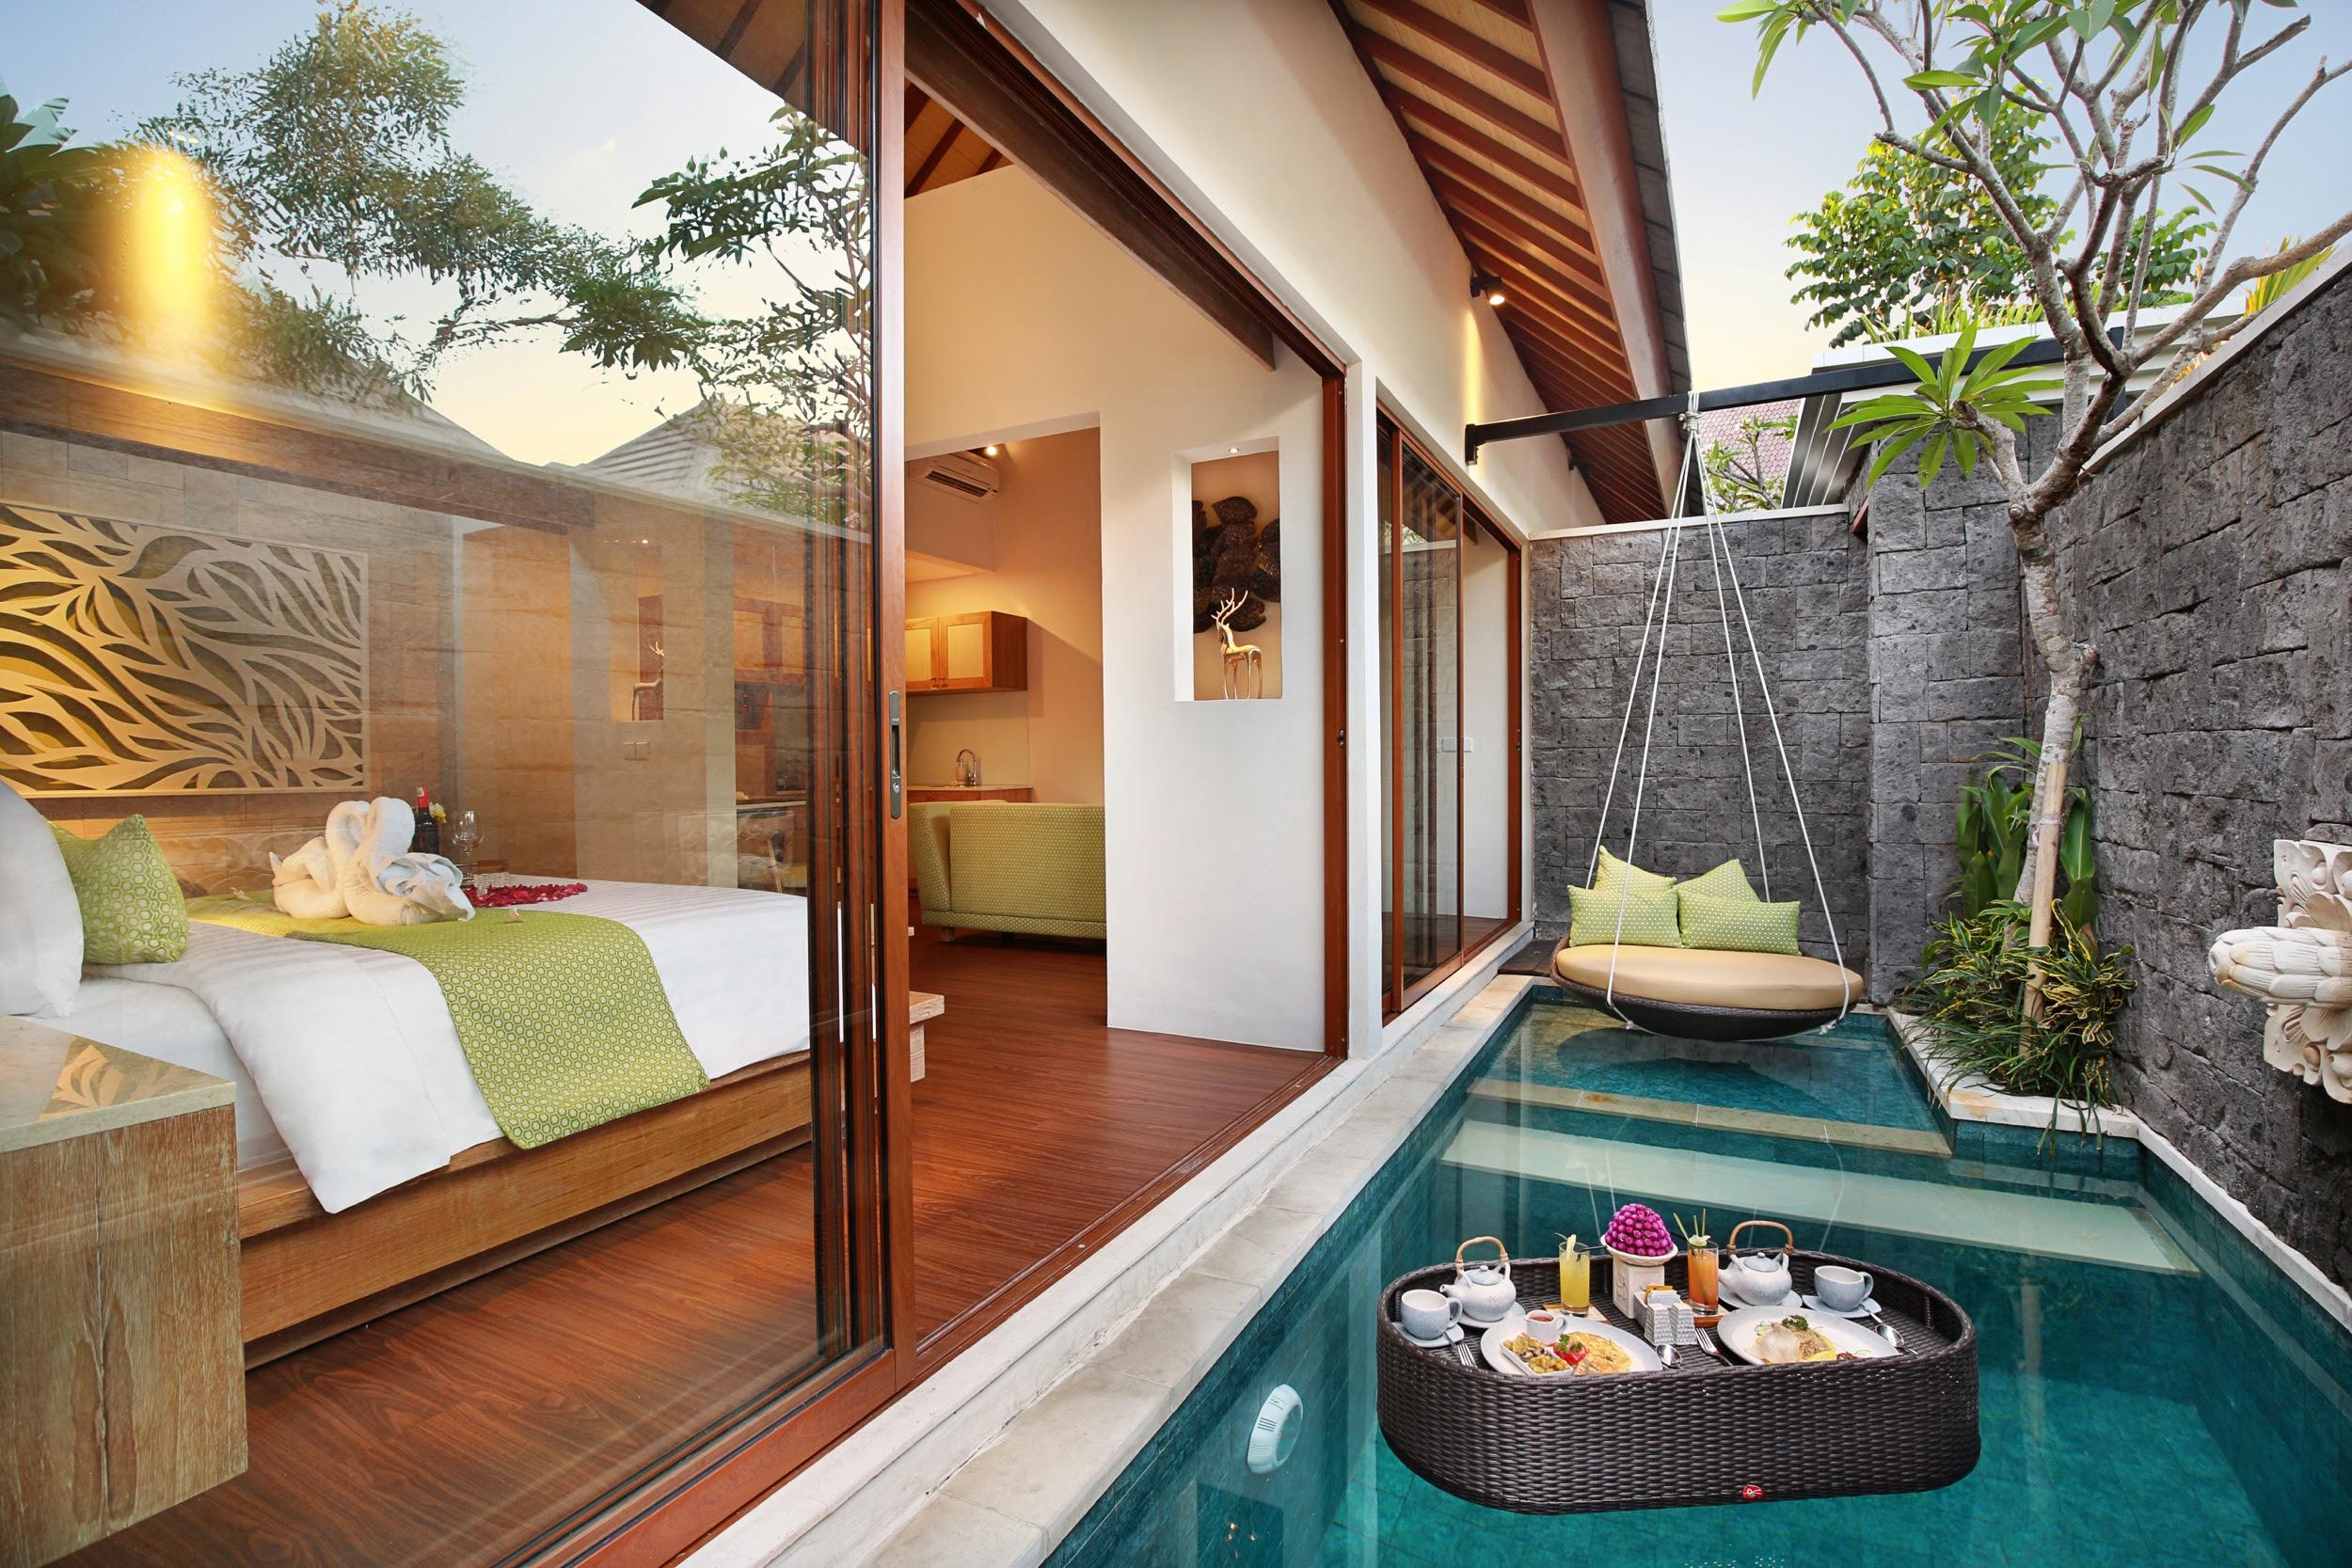 Sewa villa dibali  Sewa Rumah dan Villa di Bali